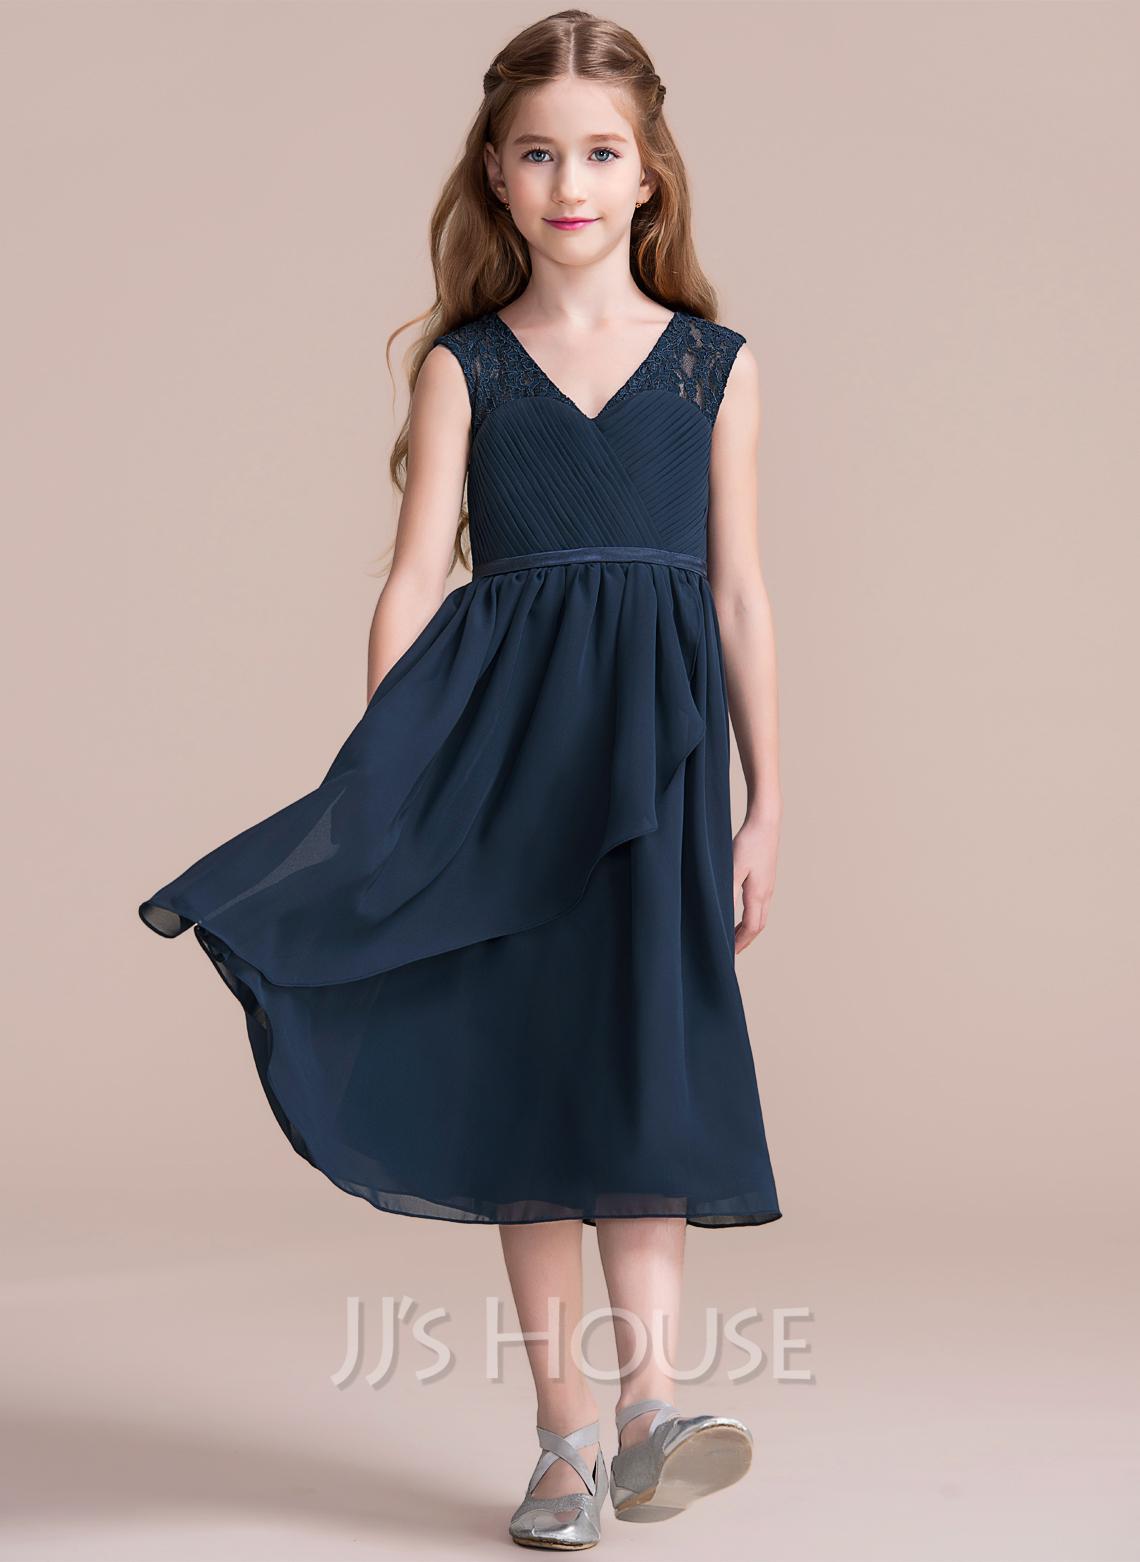 A-Line V-neck Tea-Length Chiffon Junior Bridesmaid Dress With Cascading Ruffles